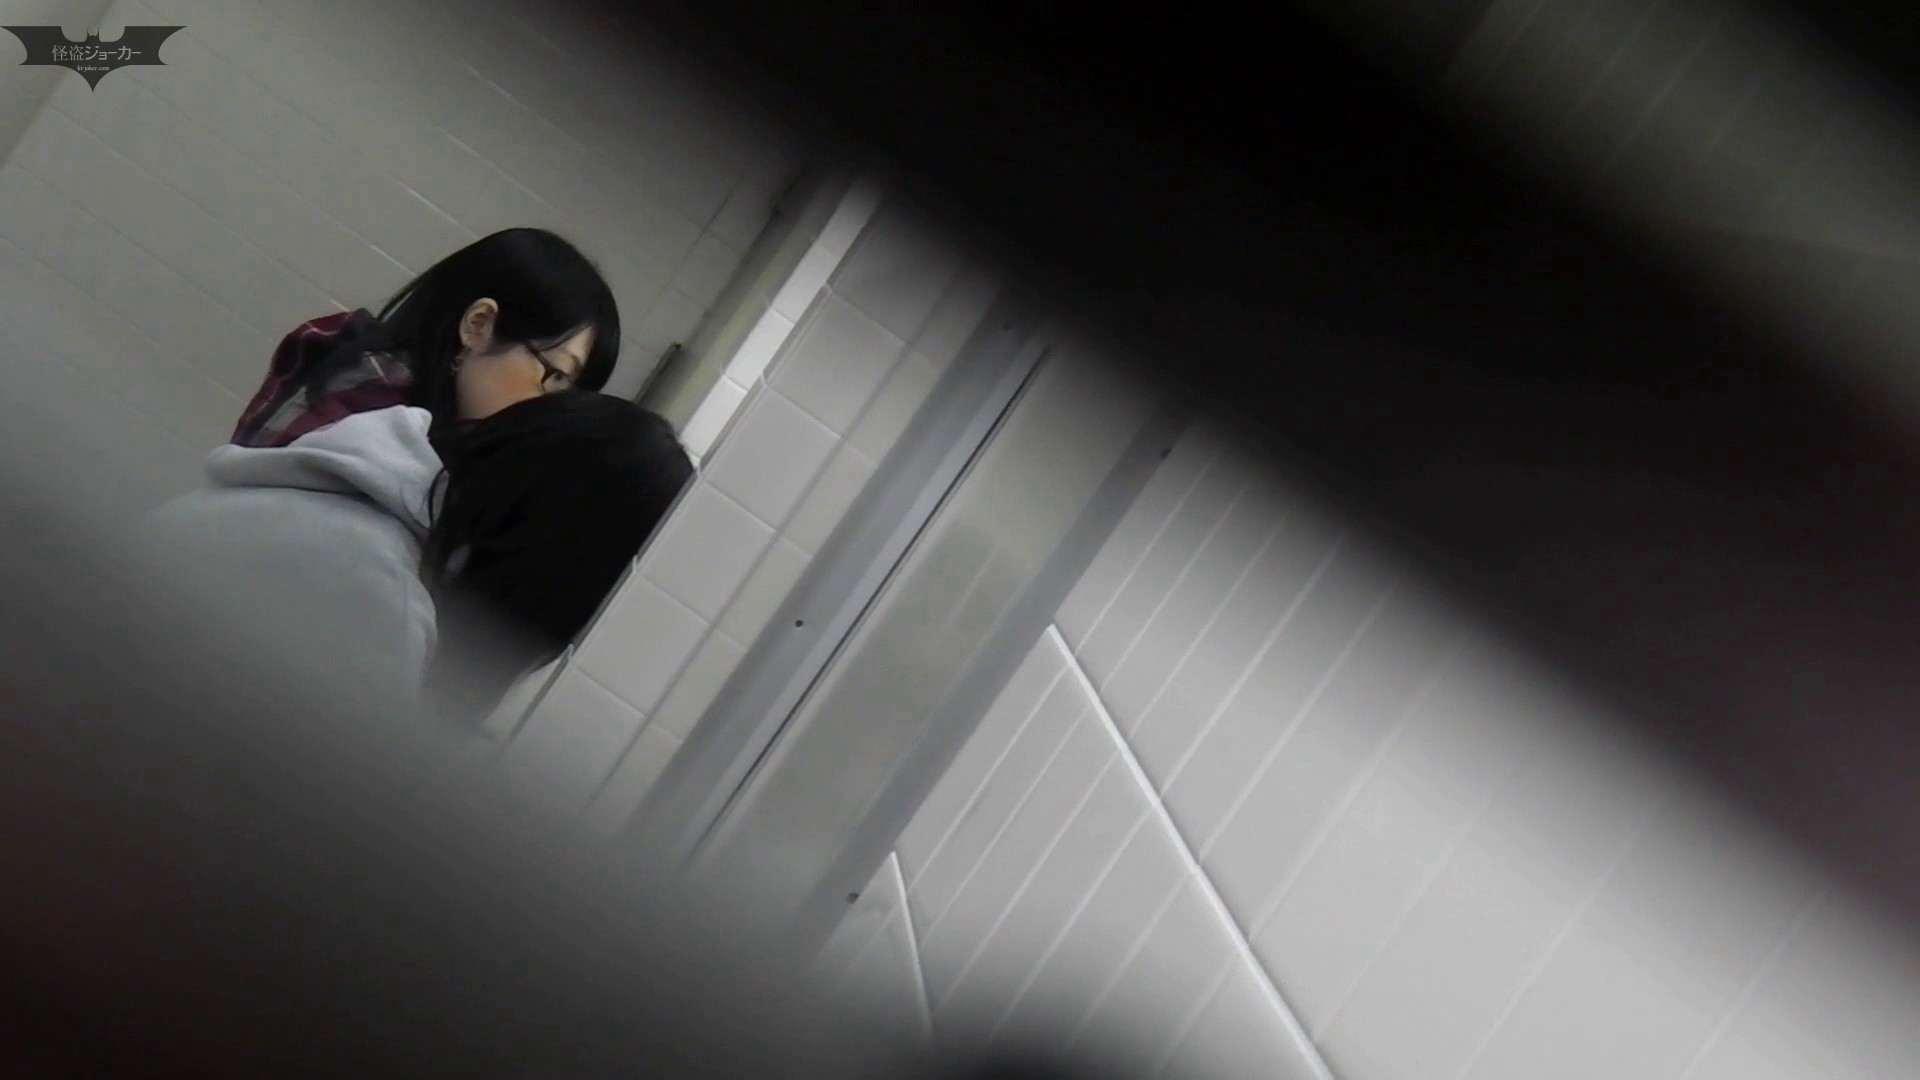 お銀さん vol.59 ピンチ!!「鏡の前で祈る女性」にばれる危機 洗面所着替え | OL  48連発 34